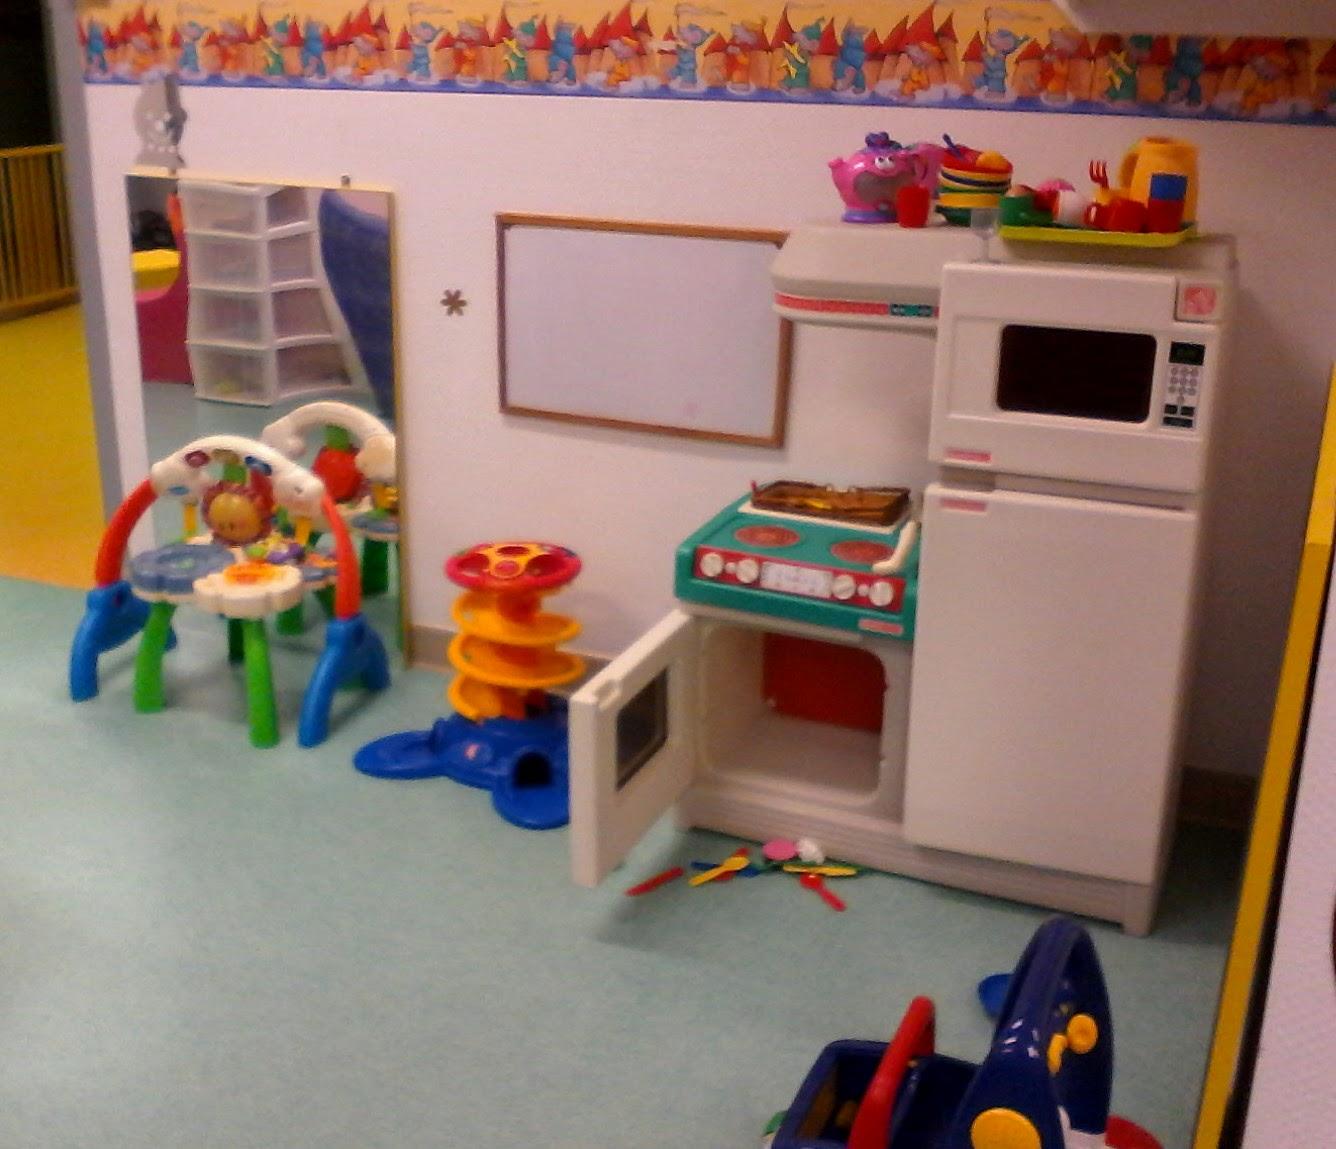 LAEP enfants parents lieu accueil garderie socialisation éveil congé parental éveil isolement